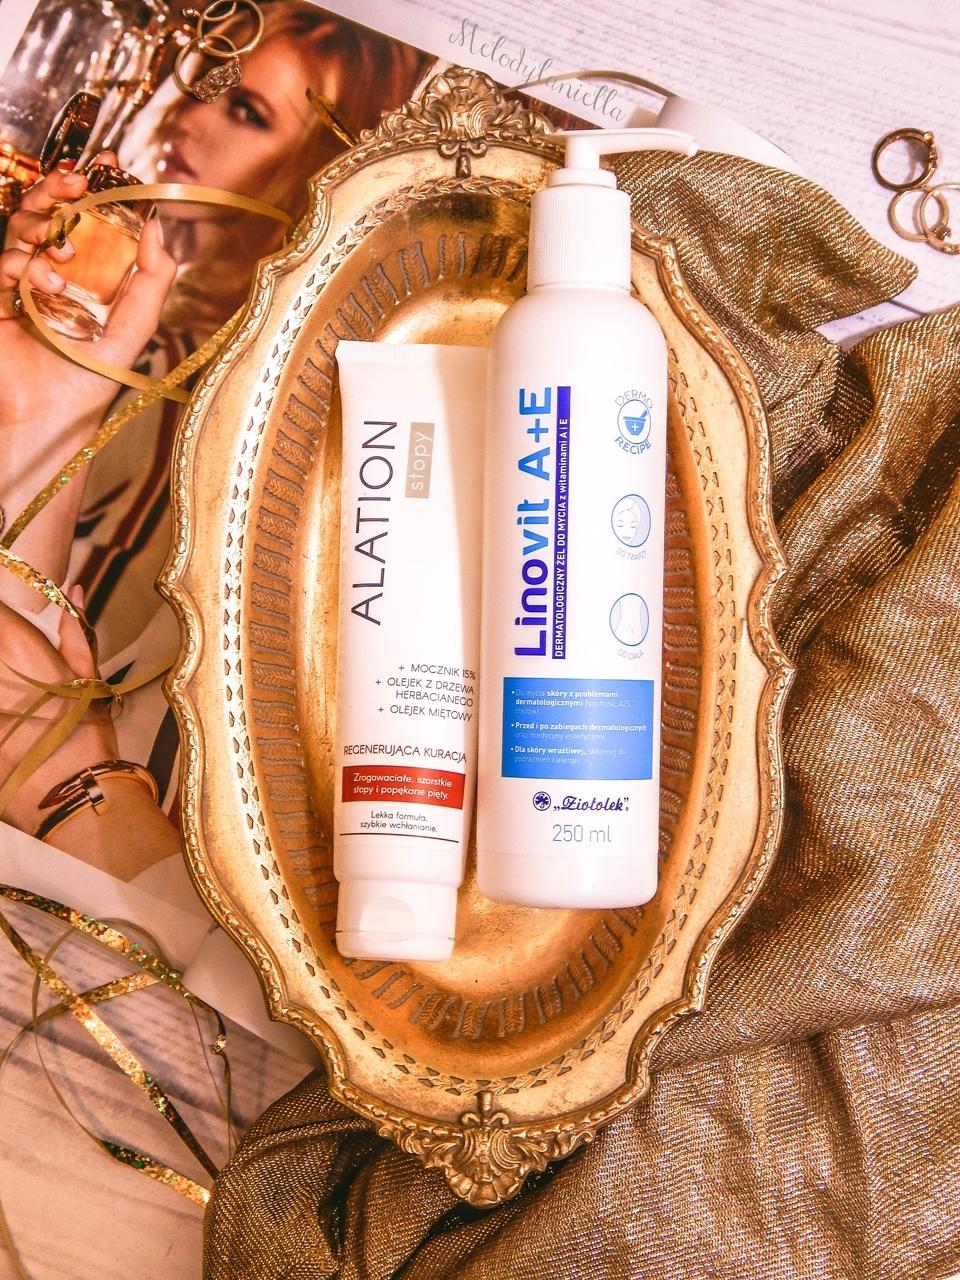 2 ziołolek Linovit a + e dermatologiczny żel do mycia z witaminami  recenzja opinia działanie żel produkty do skóry alergicznej mieszanej atopowej trudnej wrażliwej